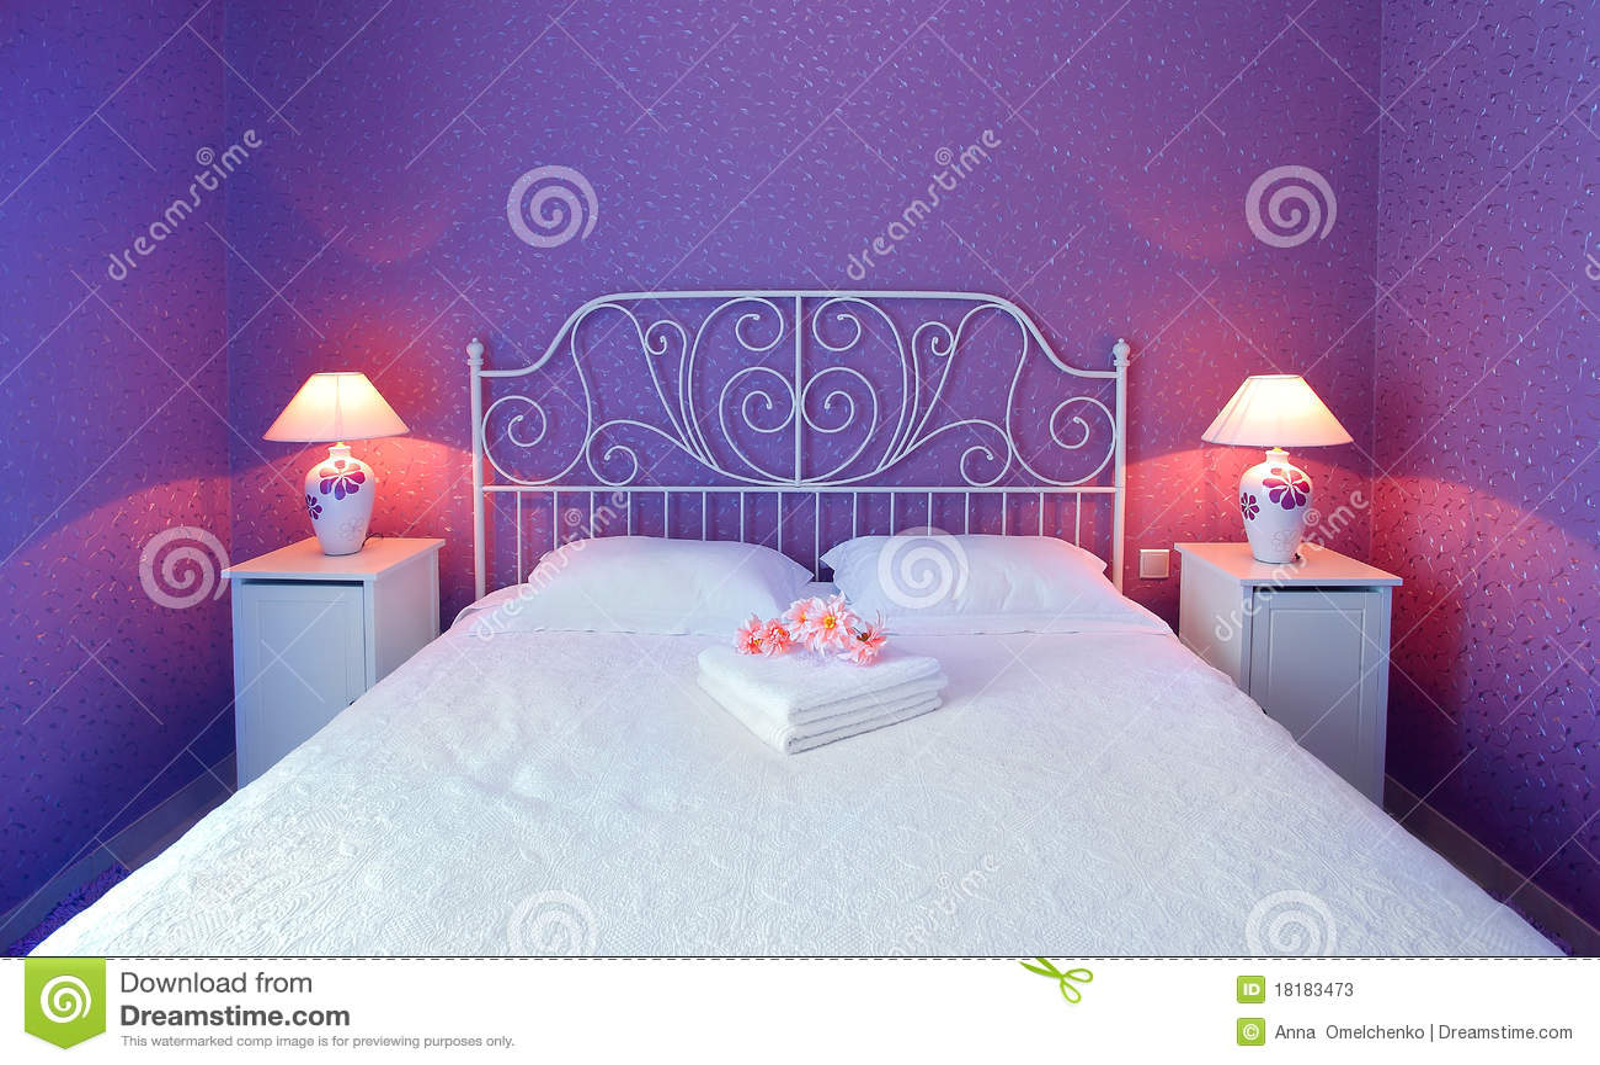 Romantische slaapkamer stock afbeelding afbeelding bestaande uit